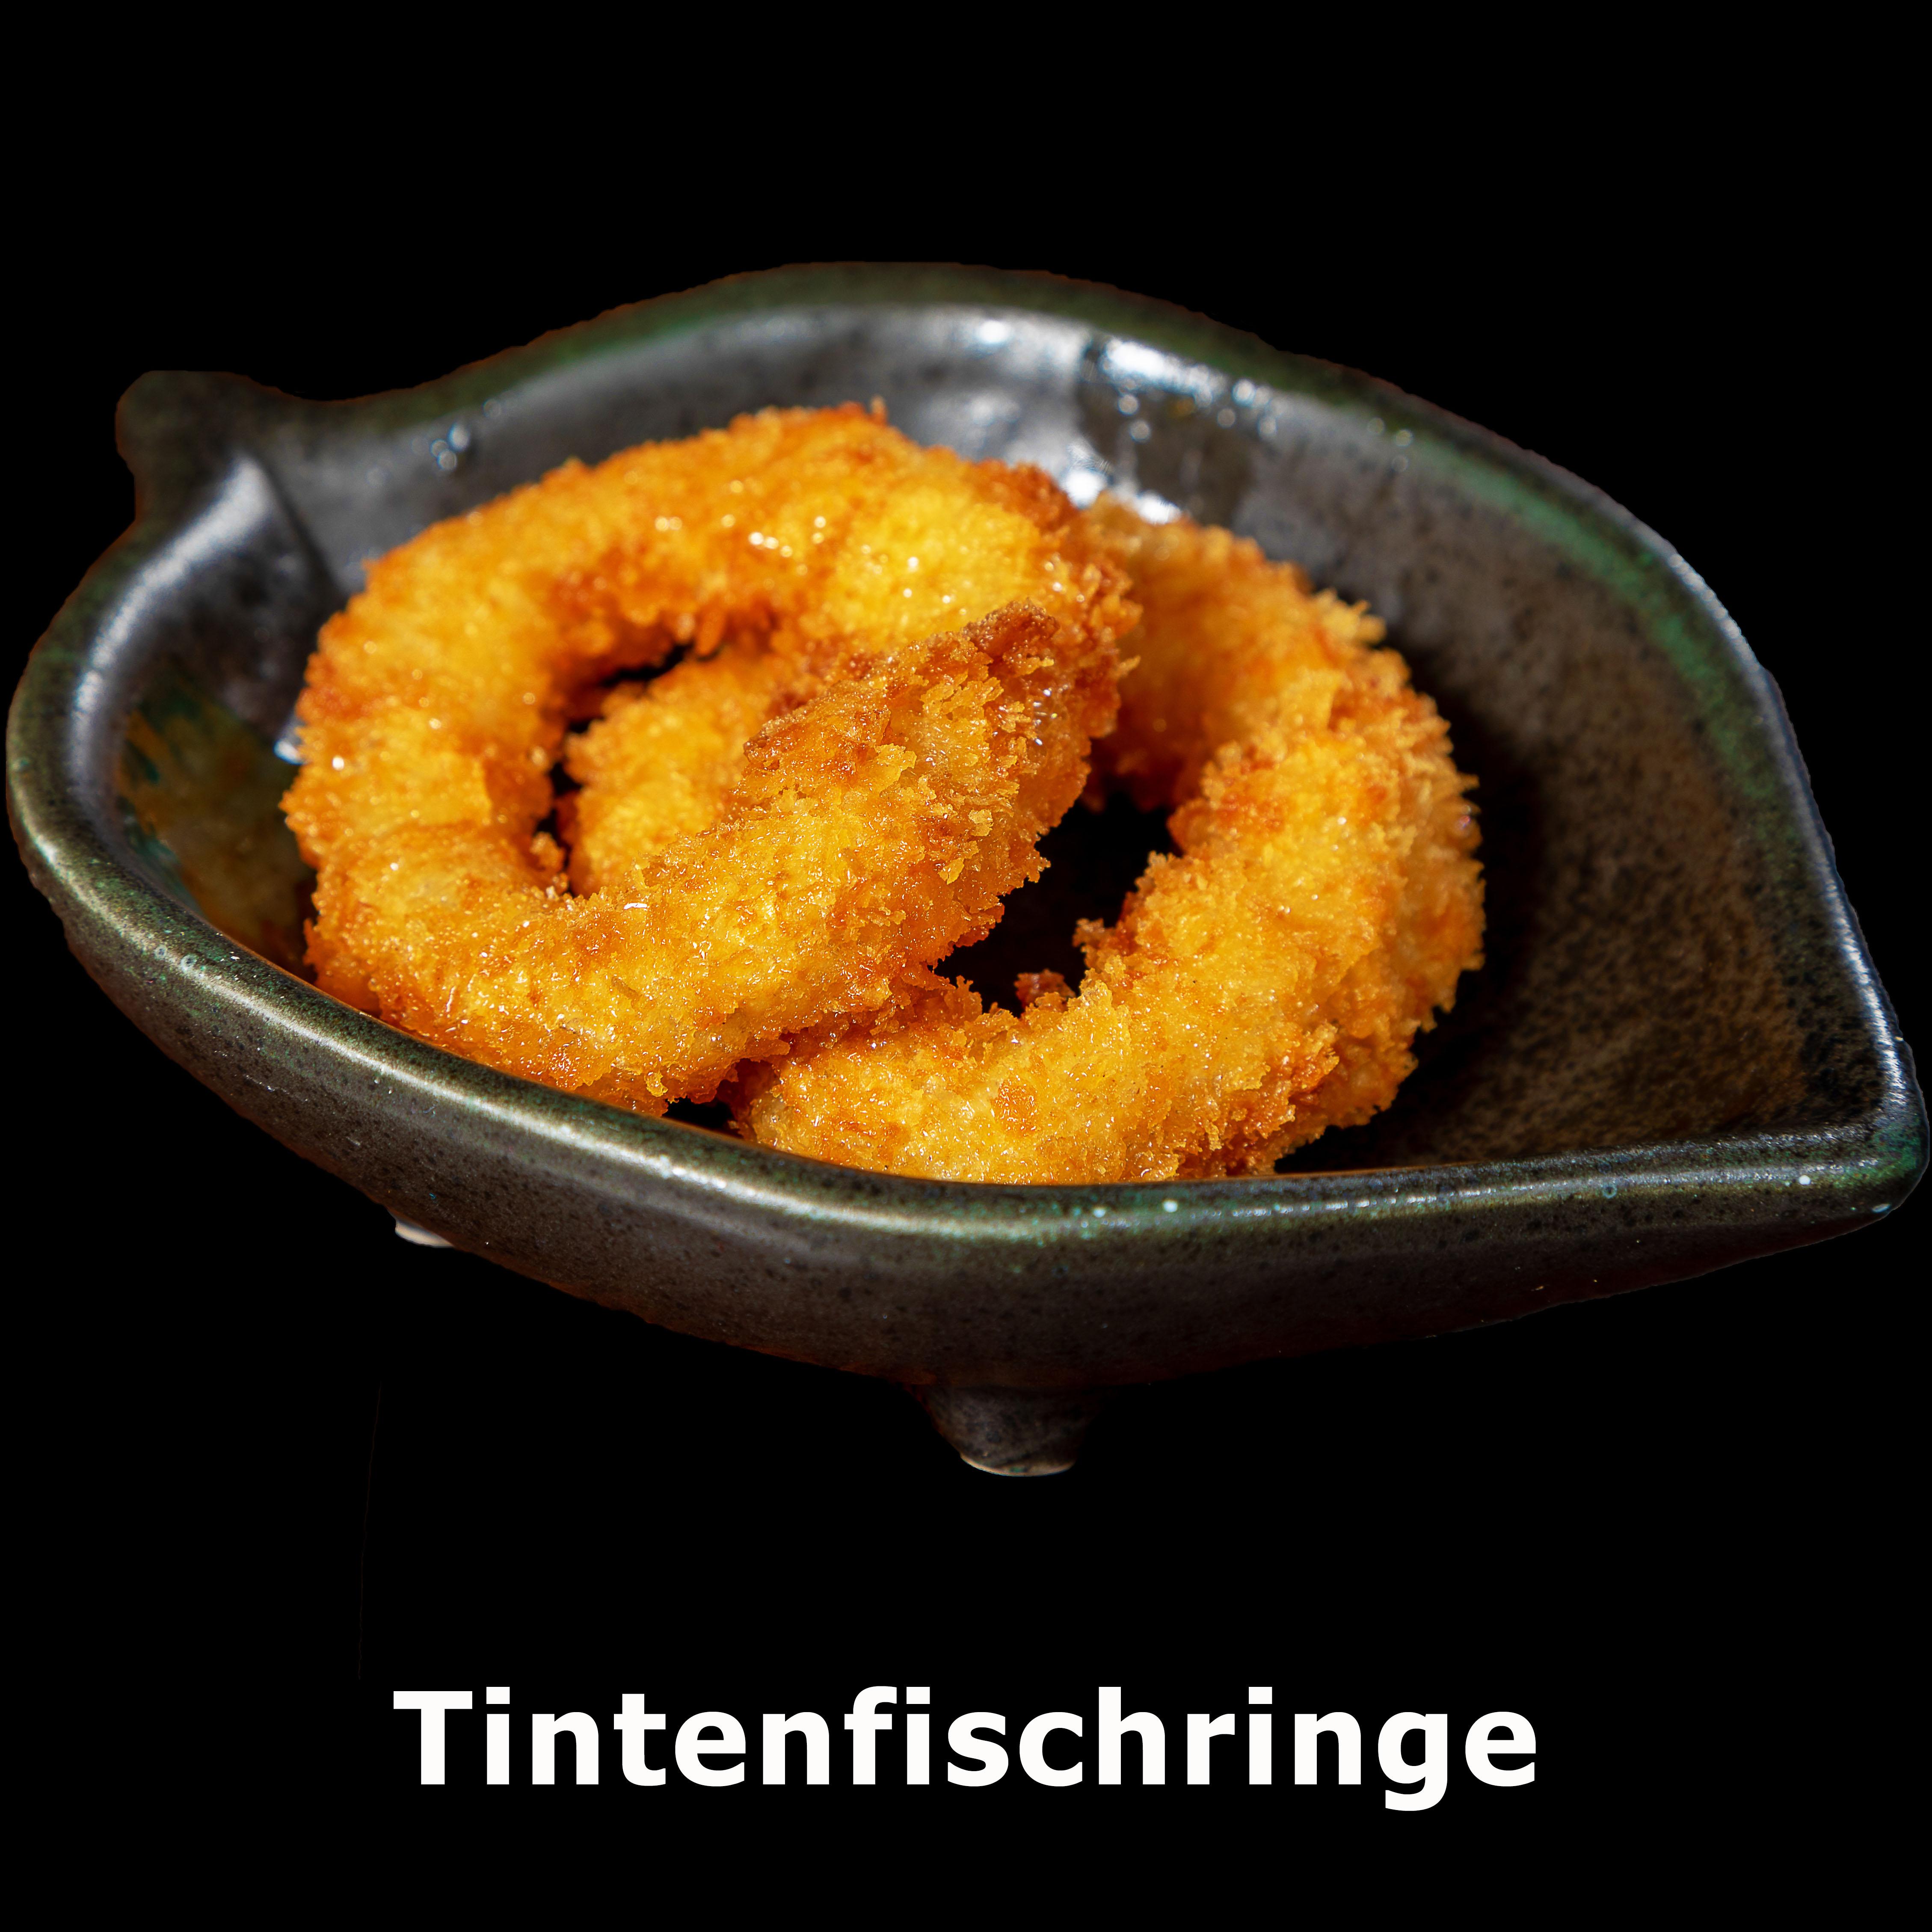 102. Tintenfischringe